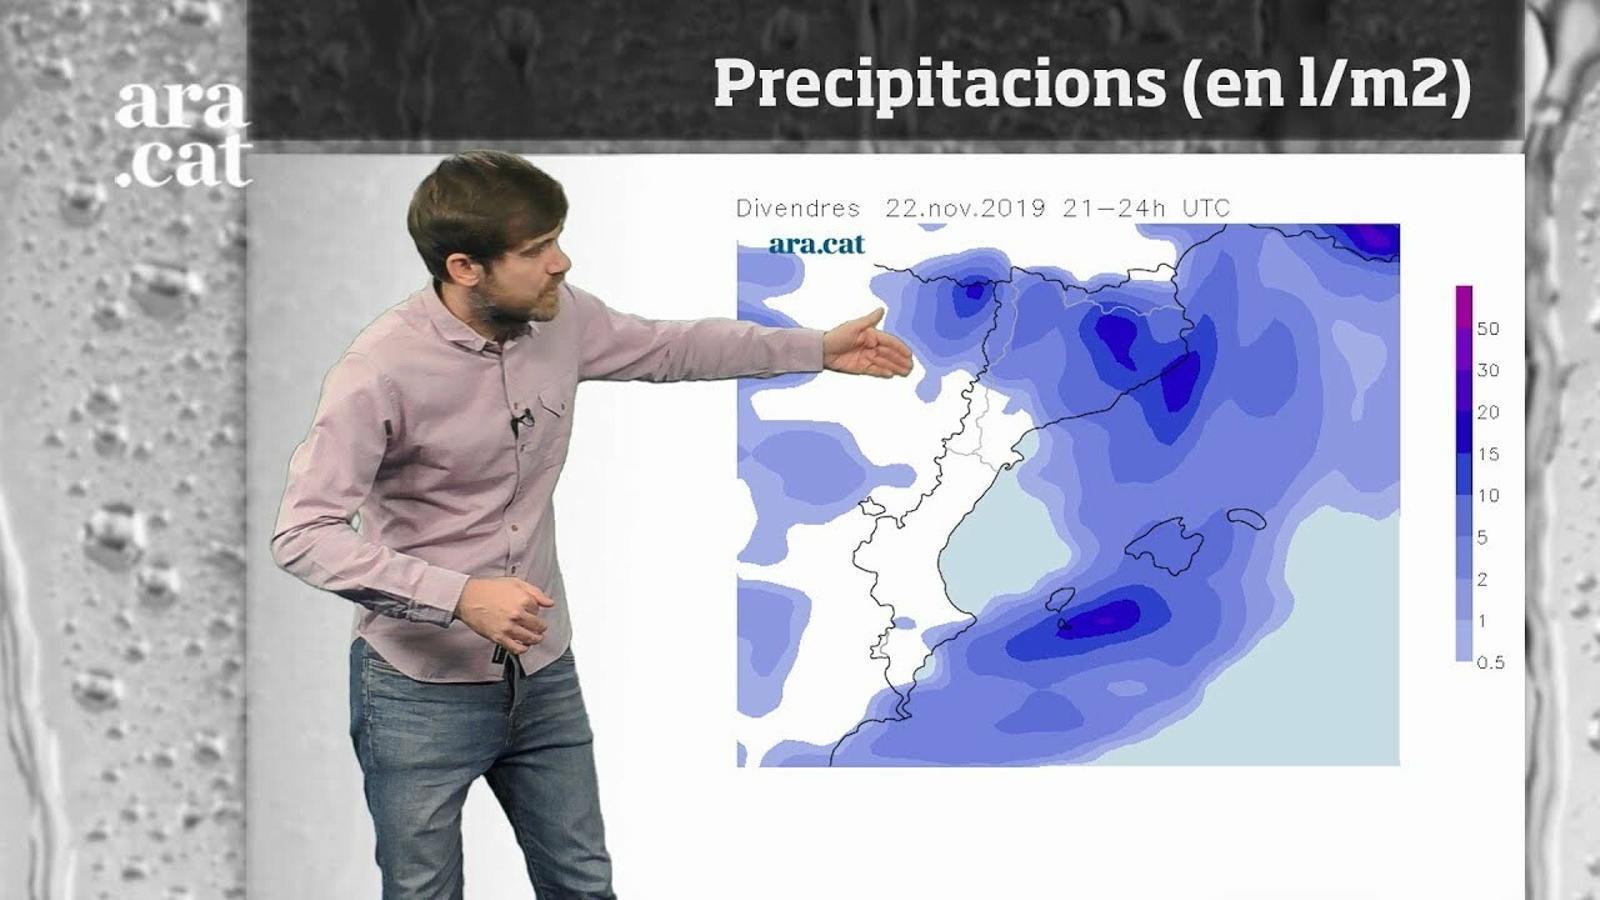 Méteo especial: inici del cap de setmana amb pluges i ventades fortes